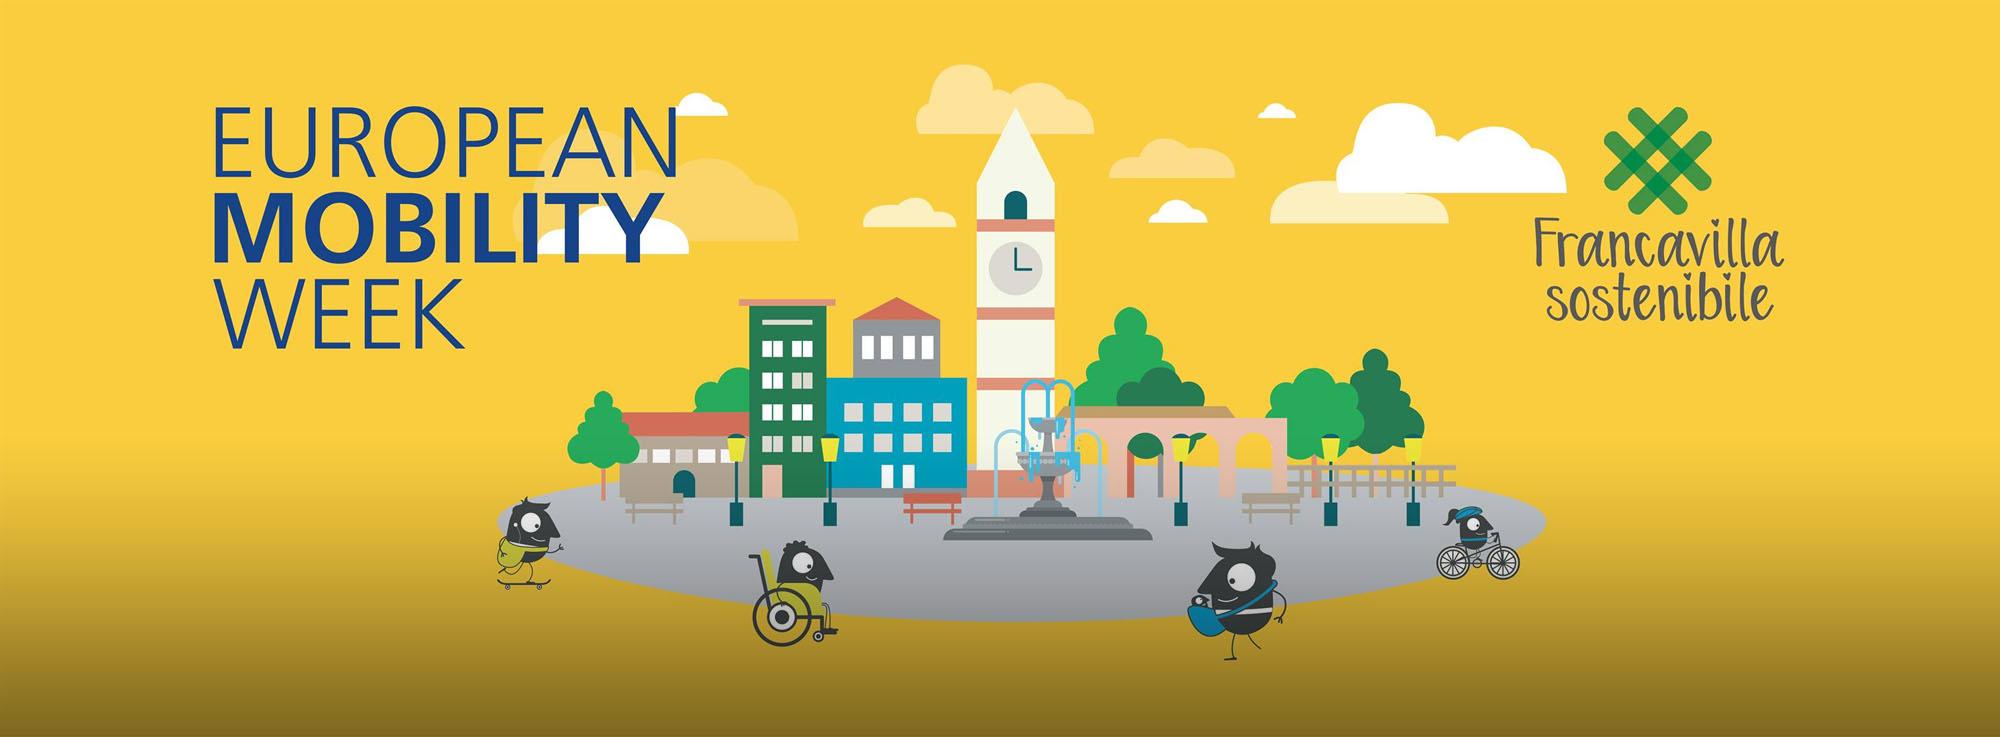 Francavilla Fontana: Settimana Europea della Mobilità Sostenibile